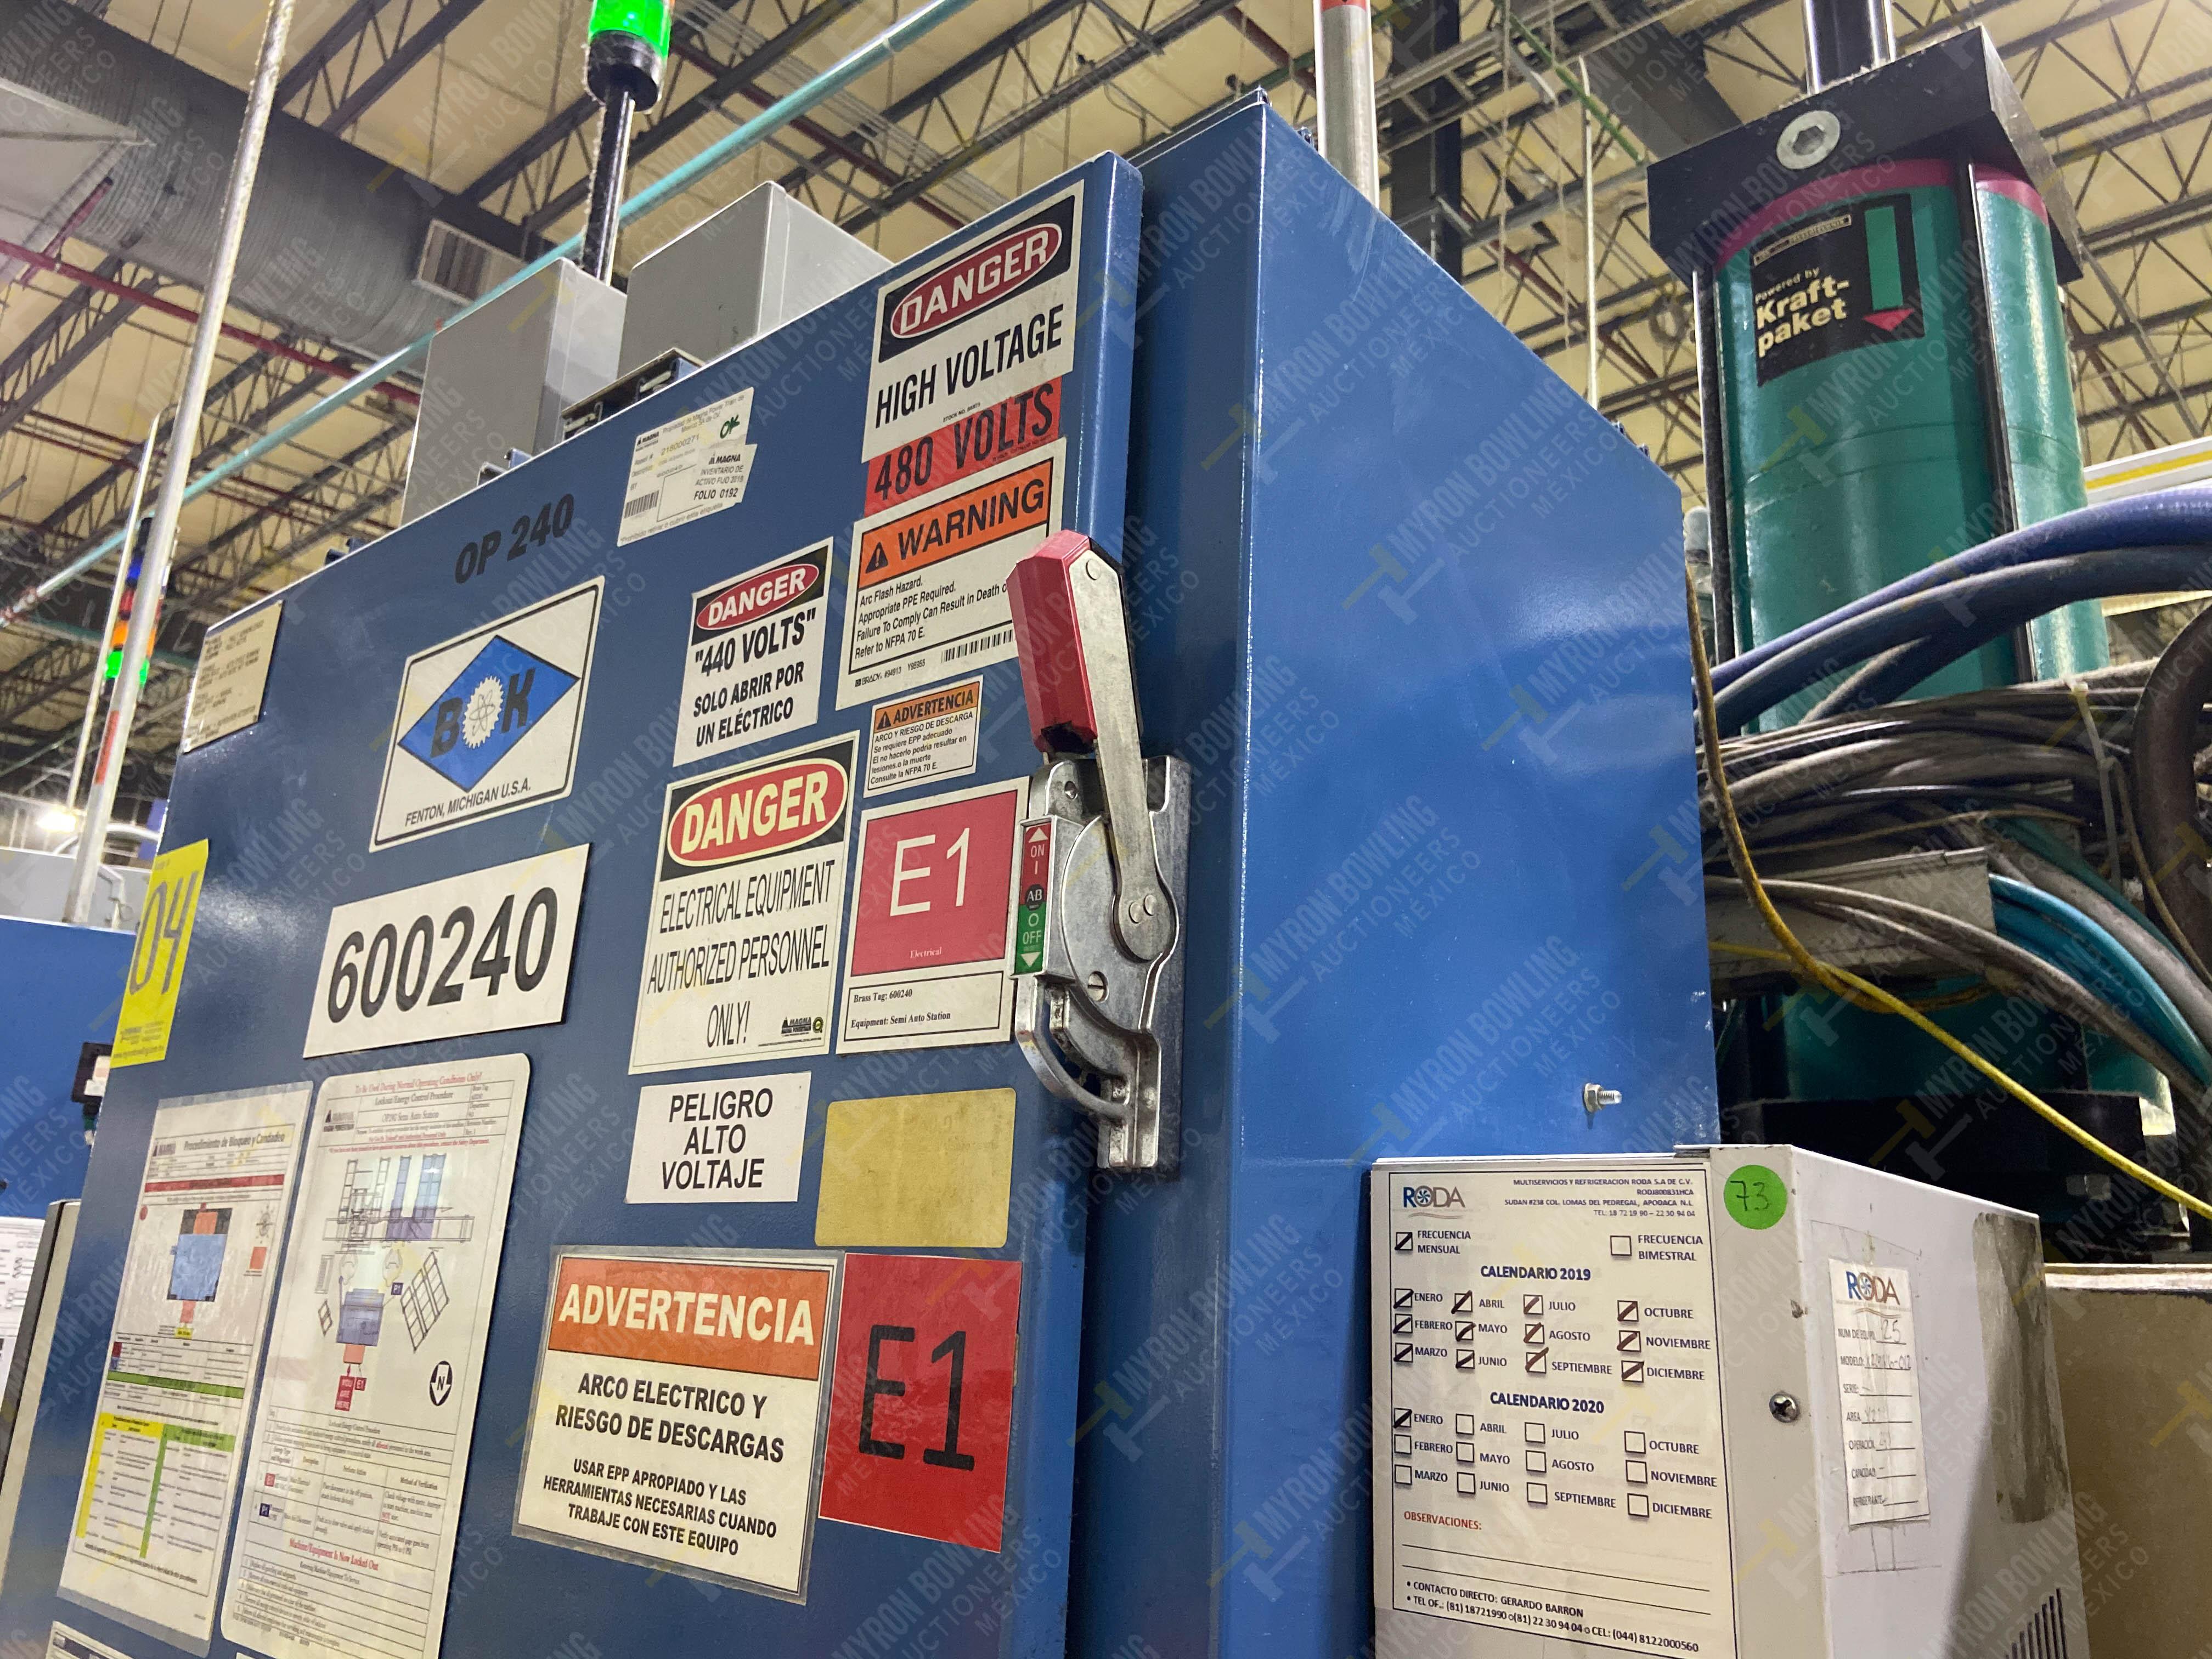 Estación semiautomática para operación 240A de ensamble de balero - Image 25 of 29